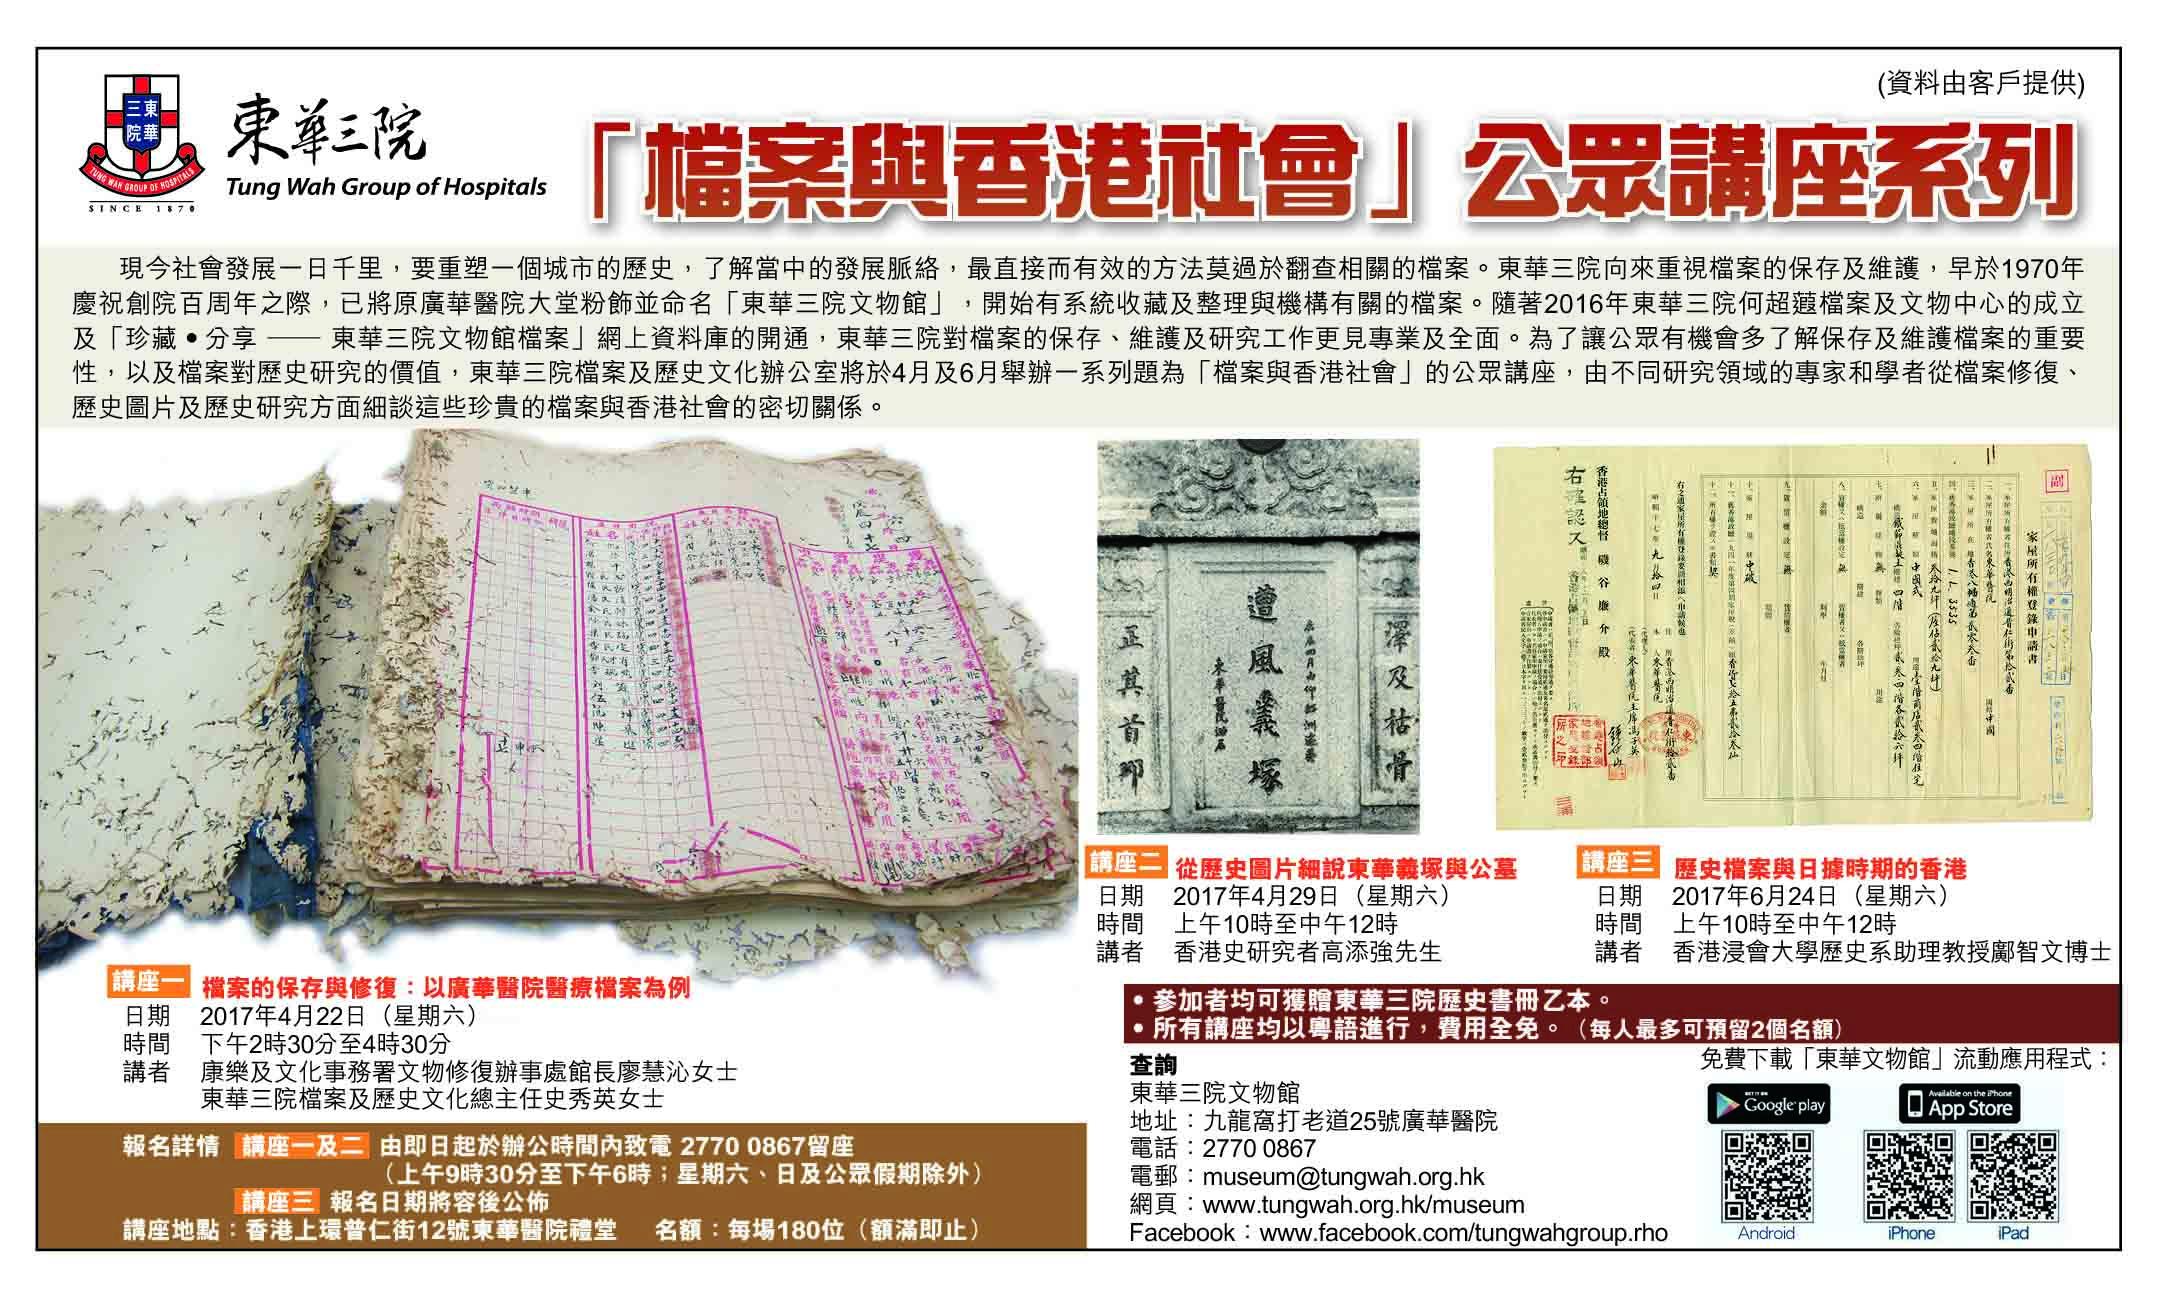 「档案与香港社会」公众讲座系列广告 - AM730